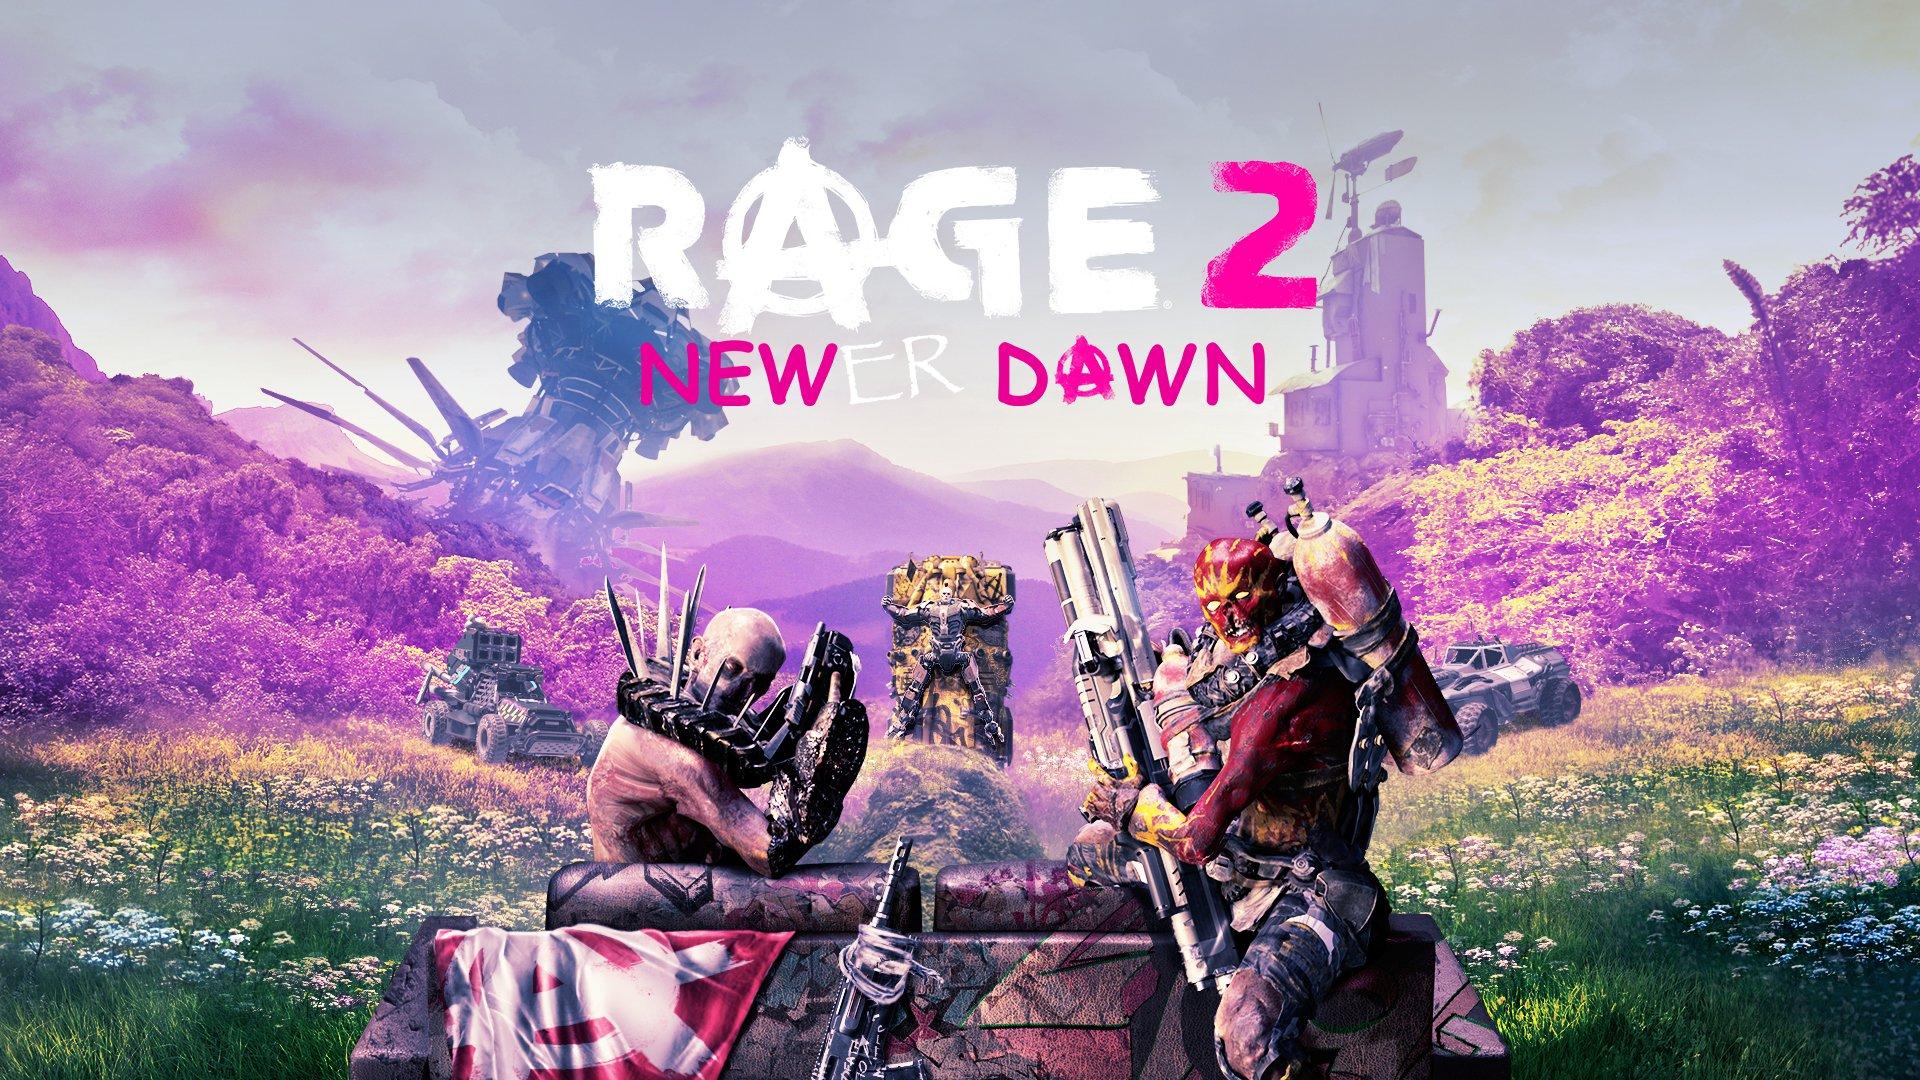 Rage 2 Newer Dawn